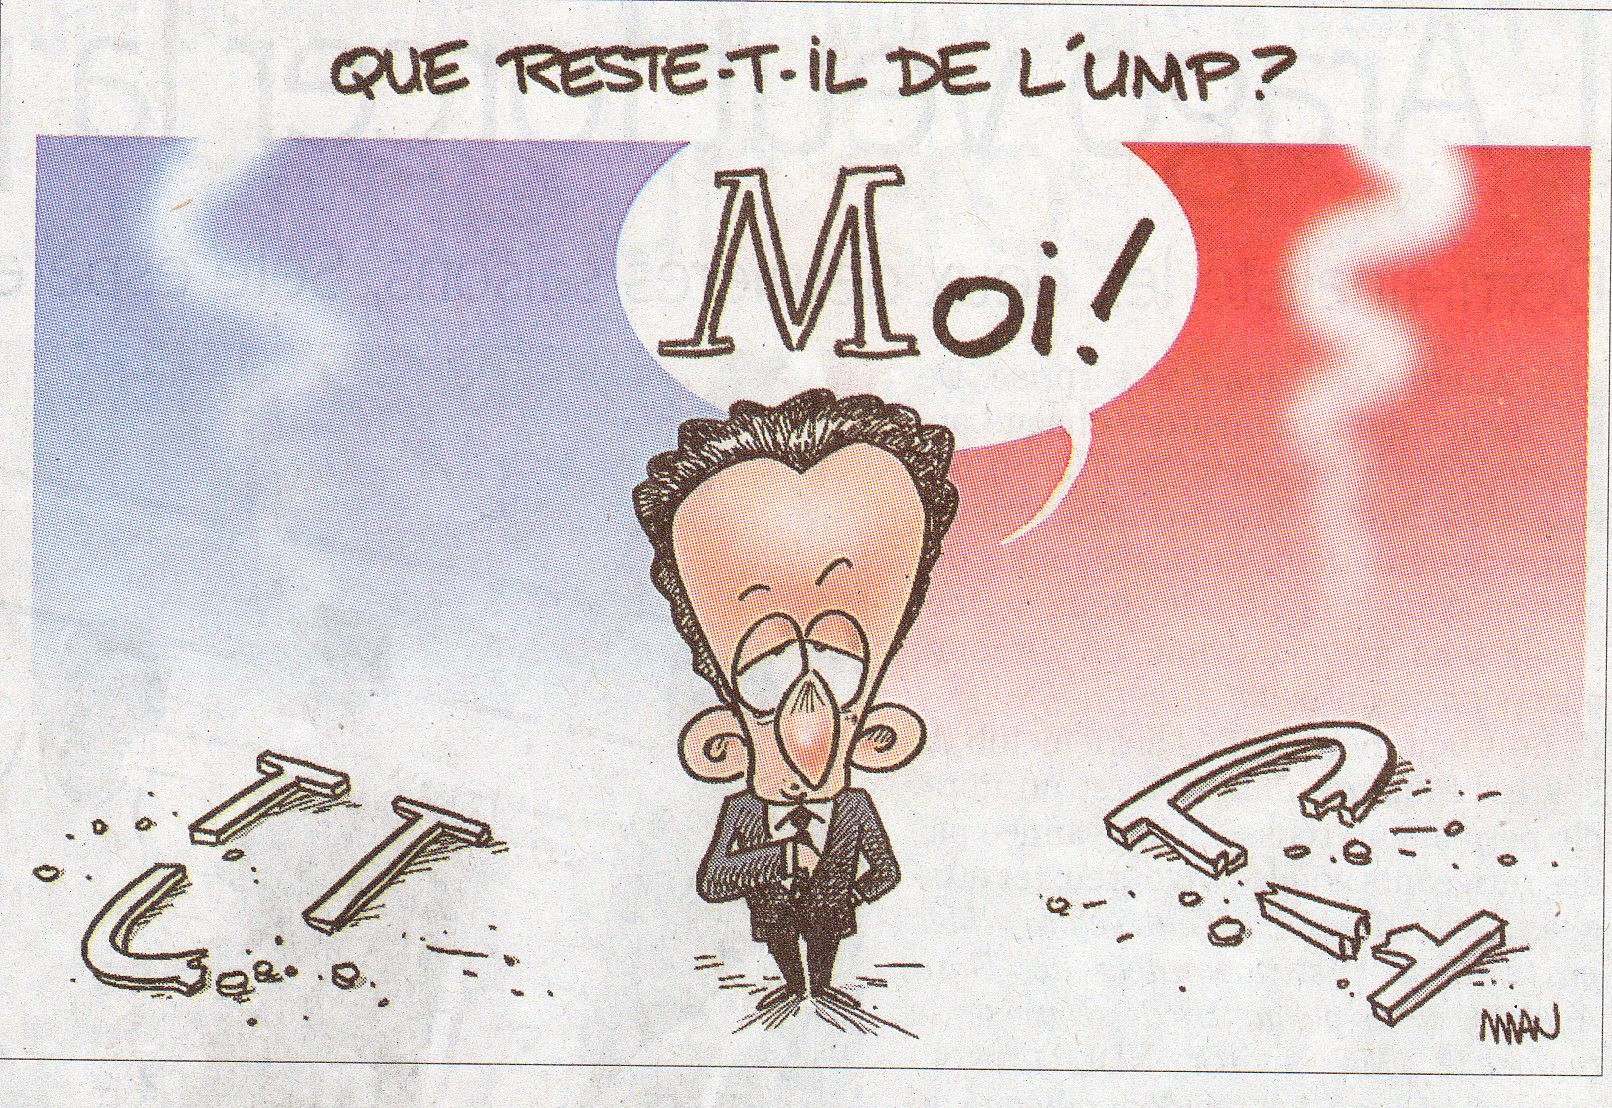 http://www.rpf-site.fr/wp-content/uploads/2011/10/img038.jpg